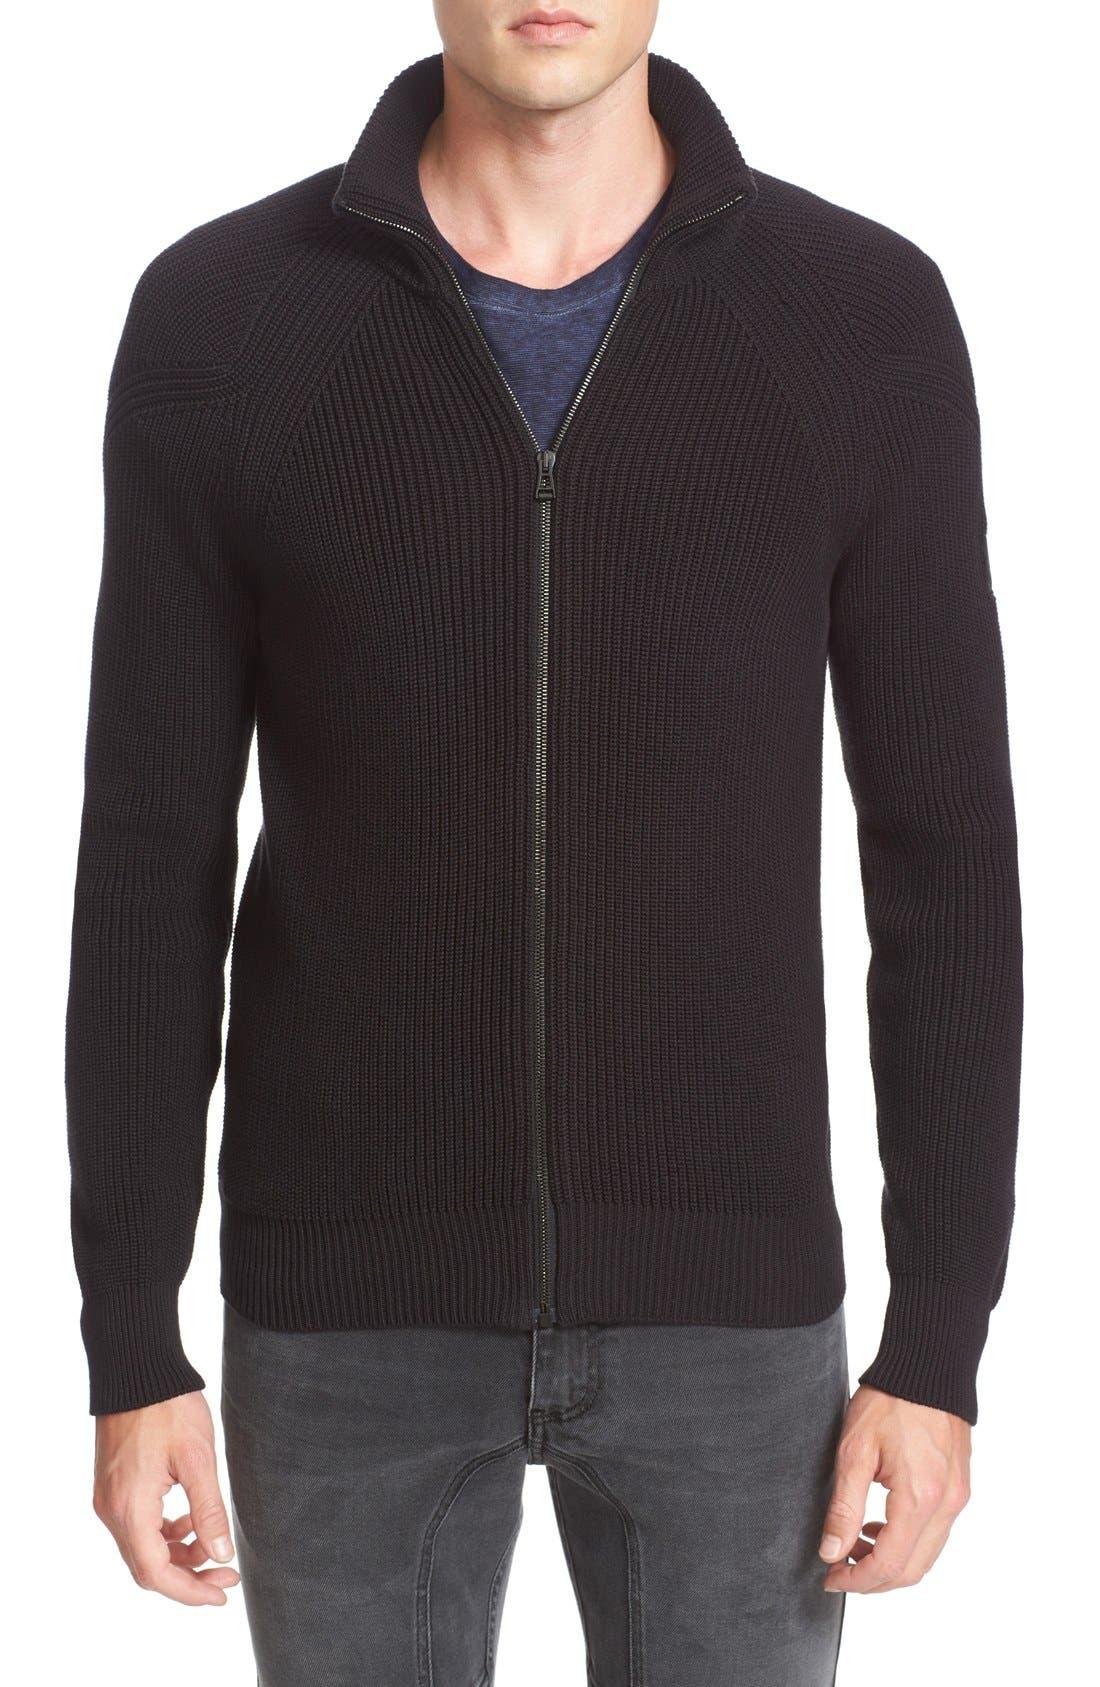 Parkgate Zip Front Mock Neck Sweater,                         Main,                         color, 001